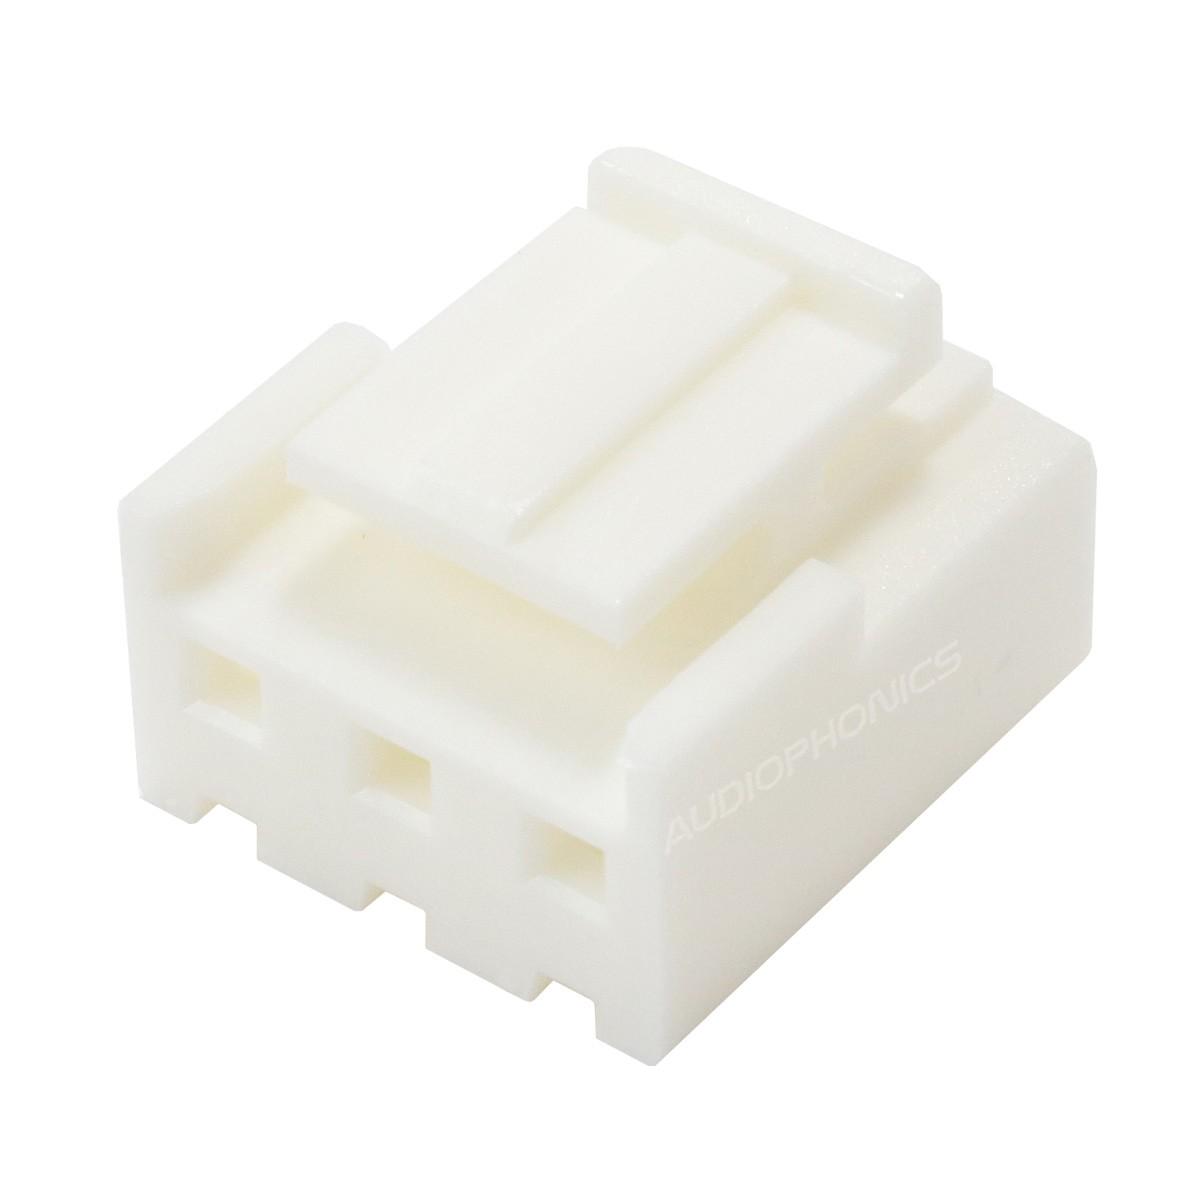 Boîtier VH 3.96mm Femelle 3 Voies Blanc (Unité)